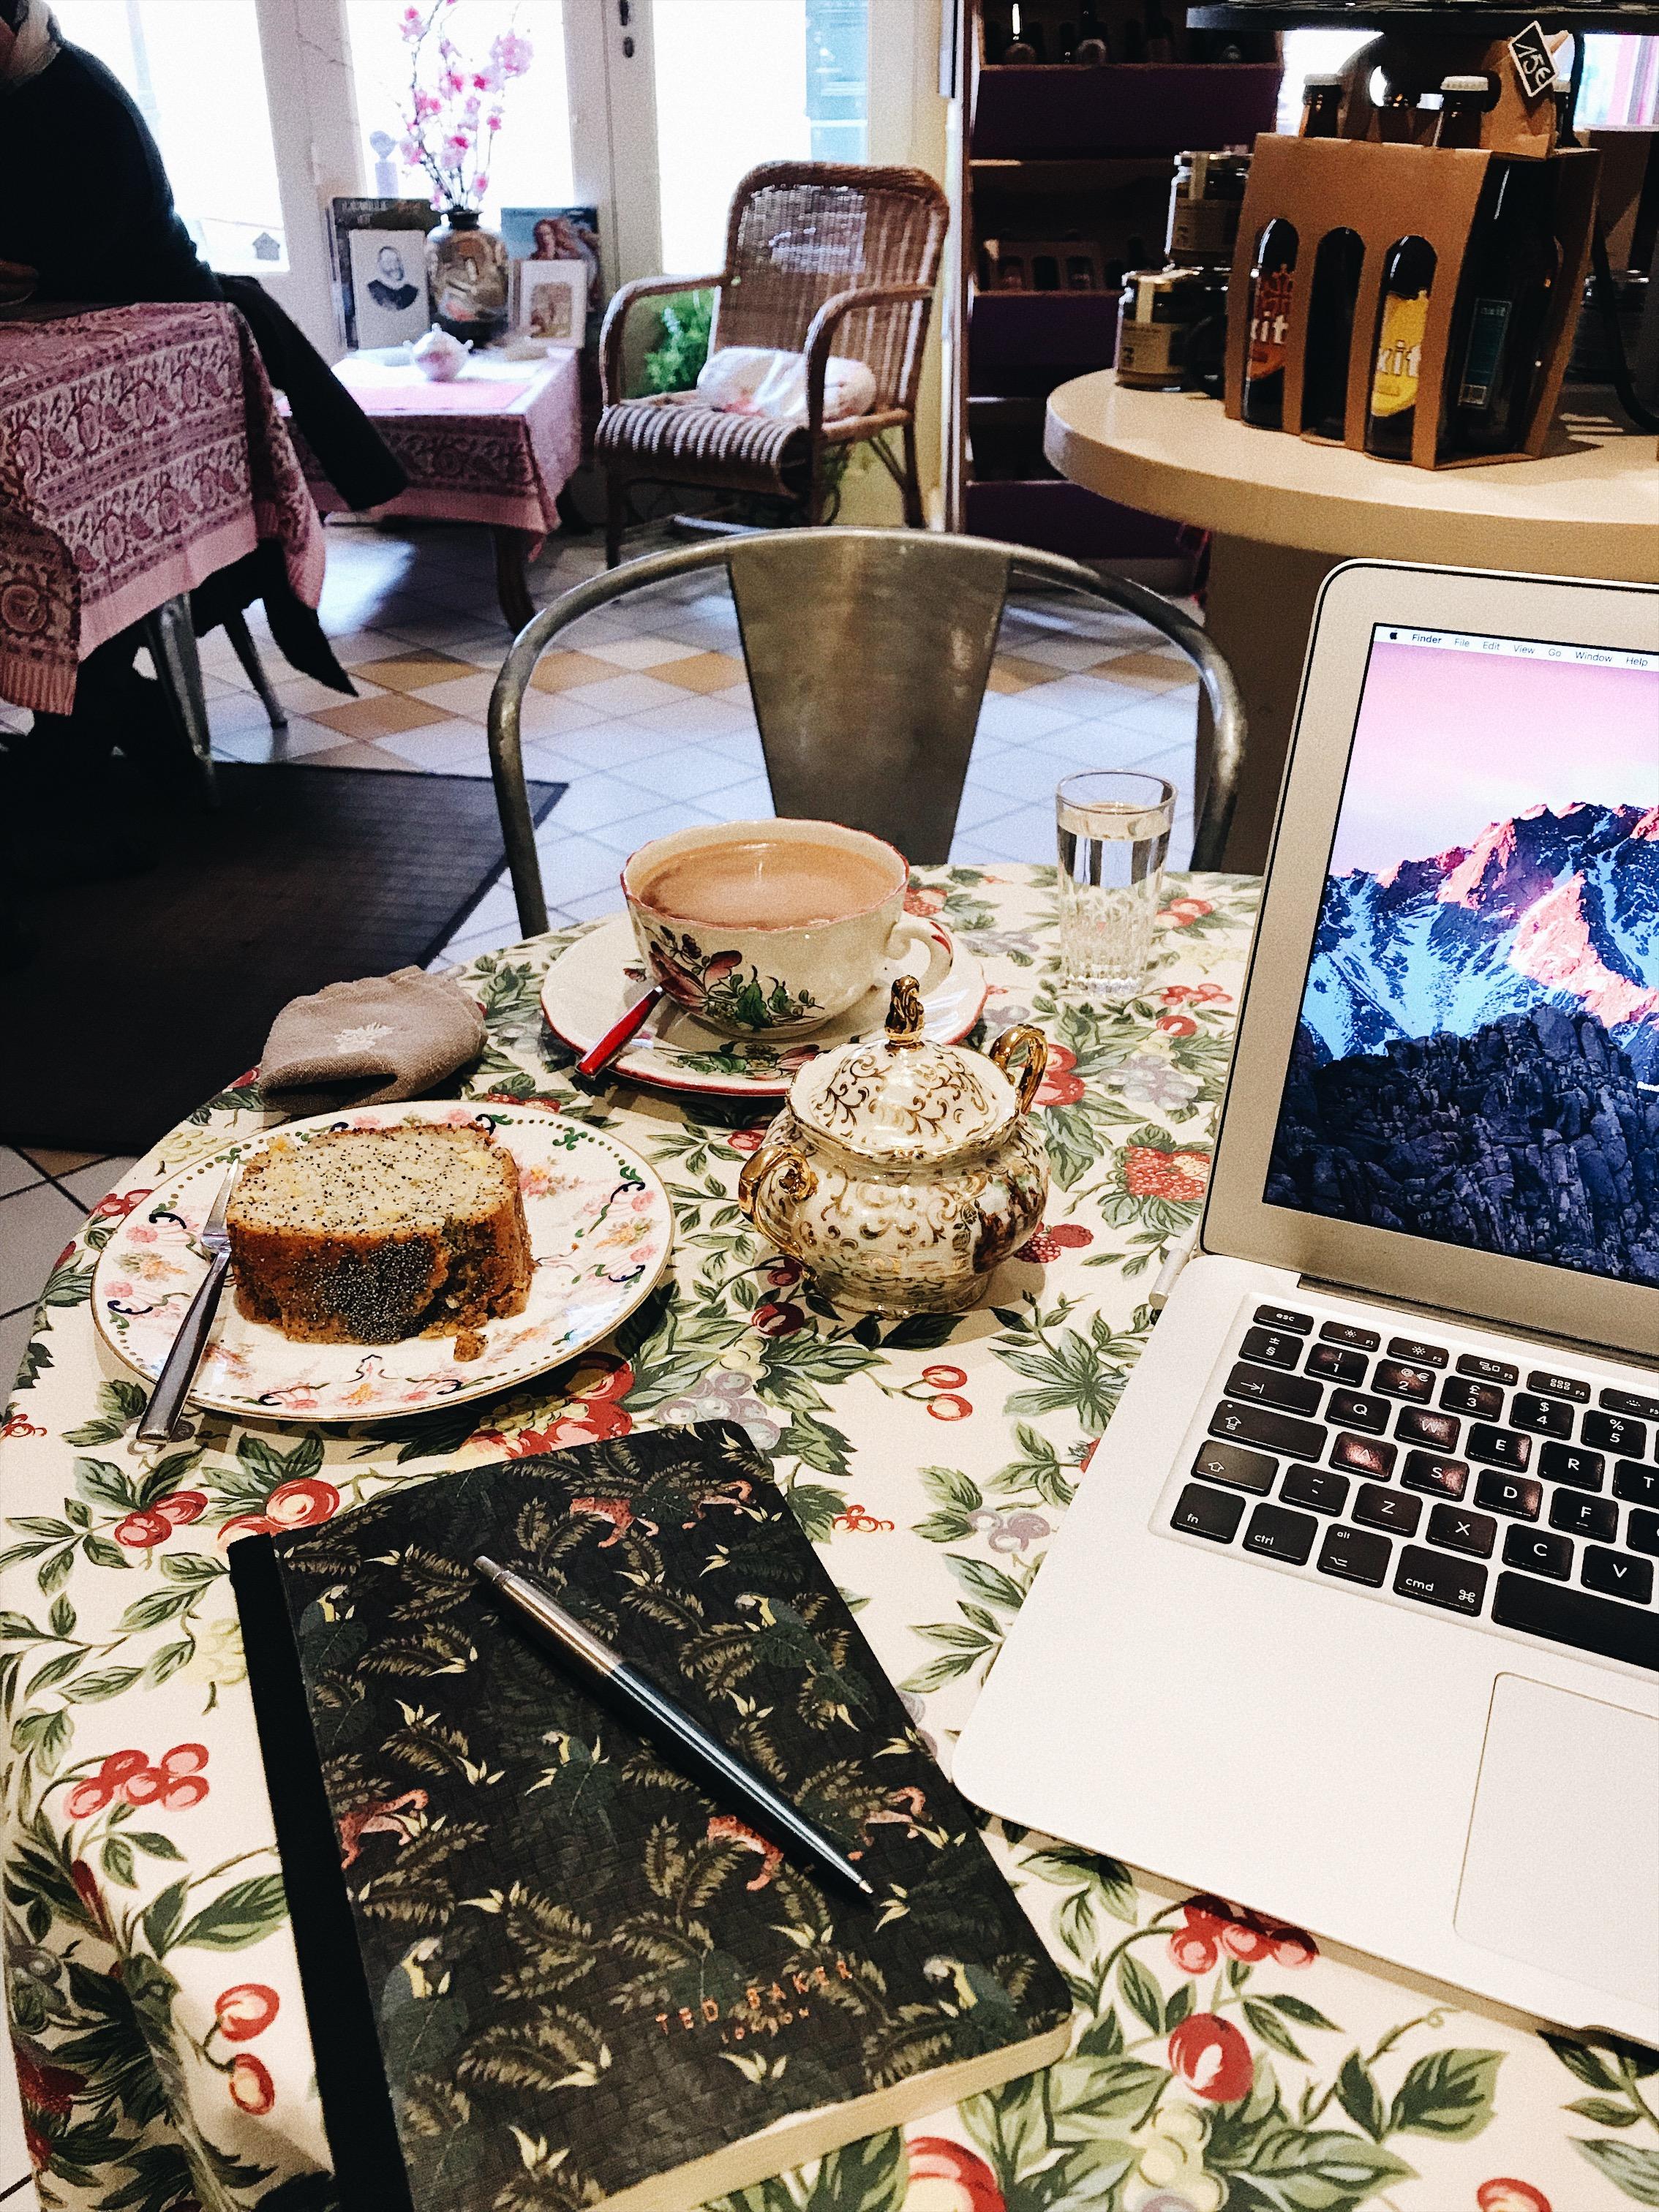 Hot chocolate and lemon cake at the Saveurs de l'Autan cafe in Mazamet